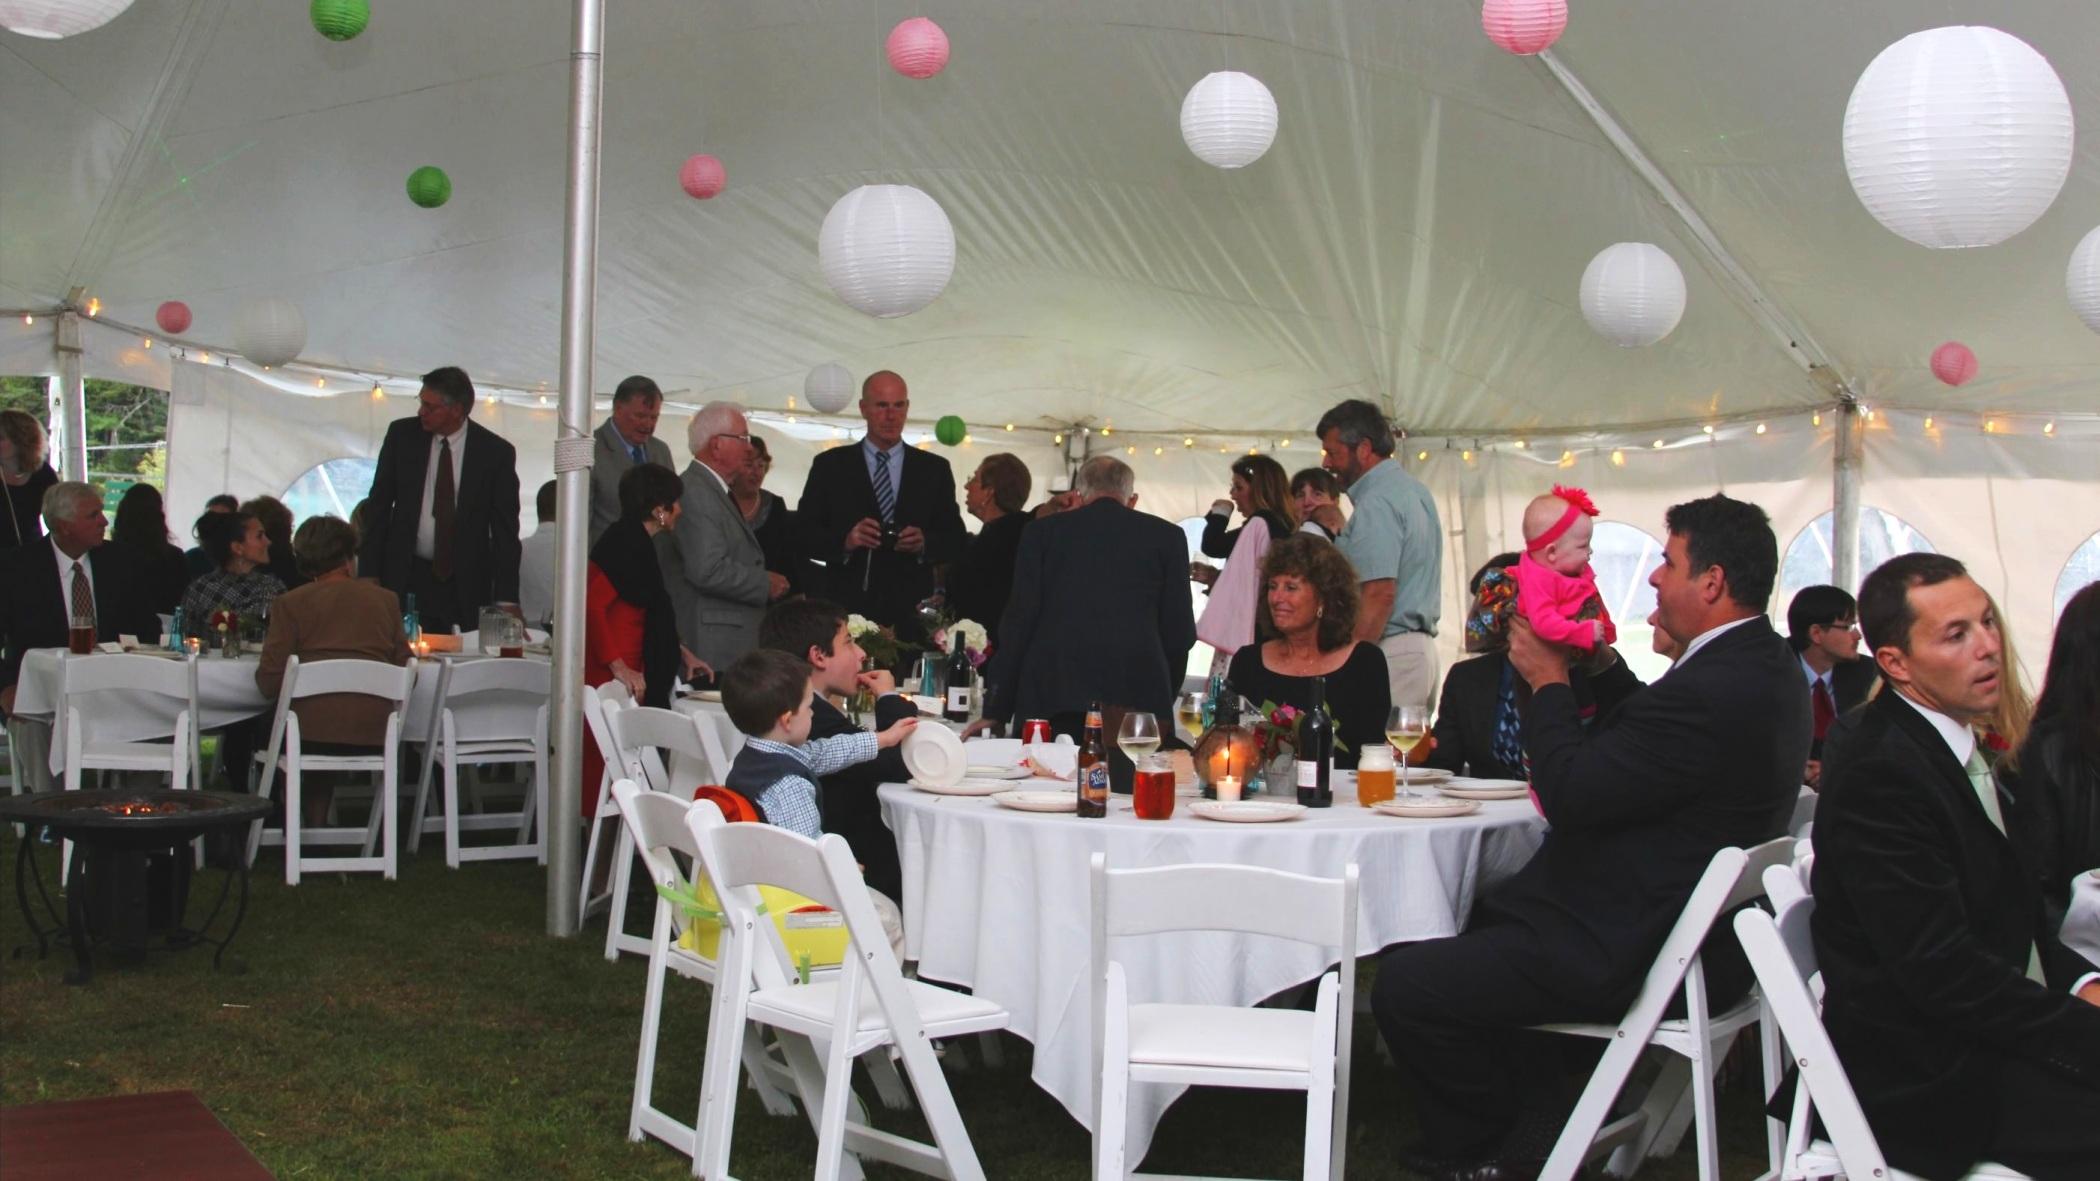 Maine ocean side weddings near Freeport